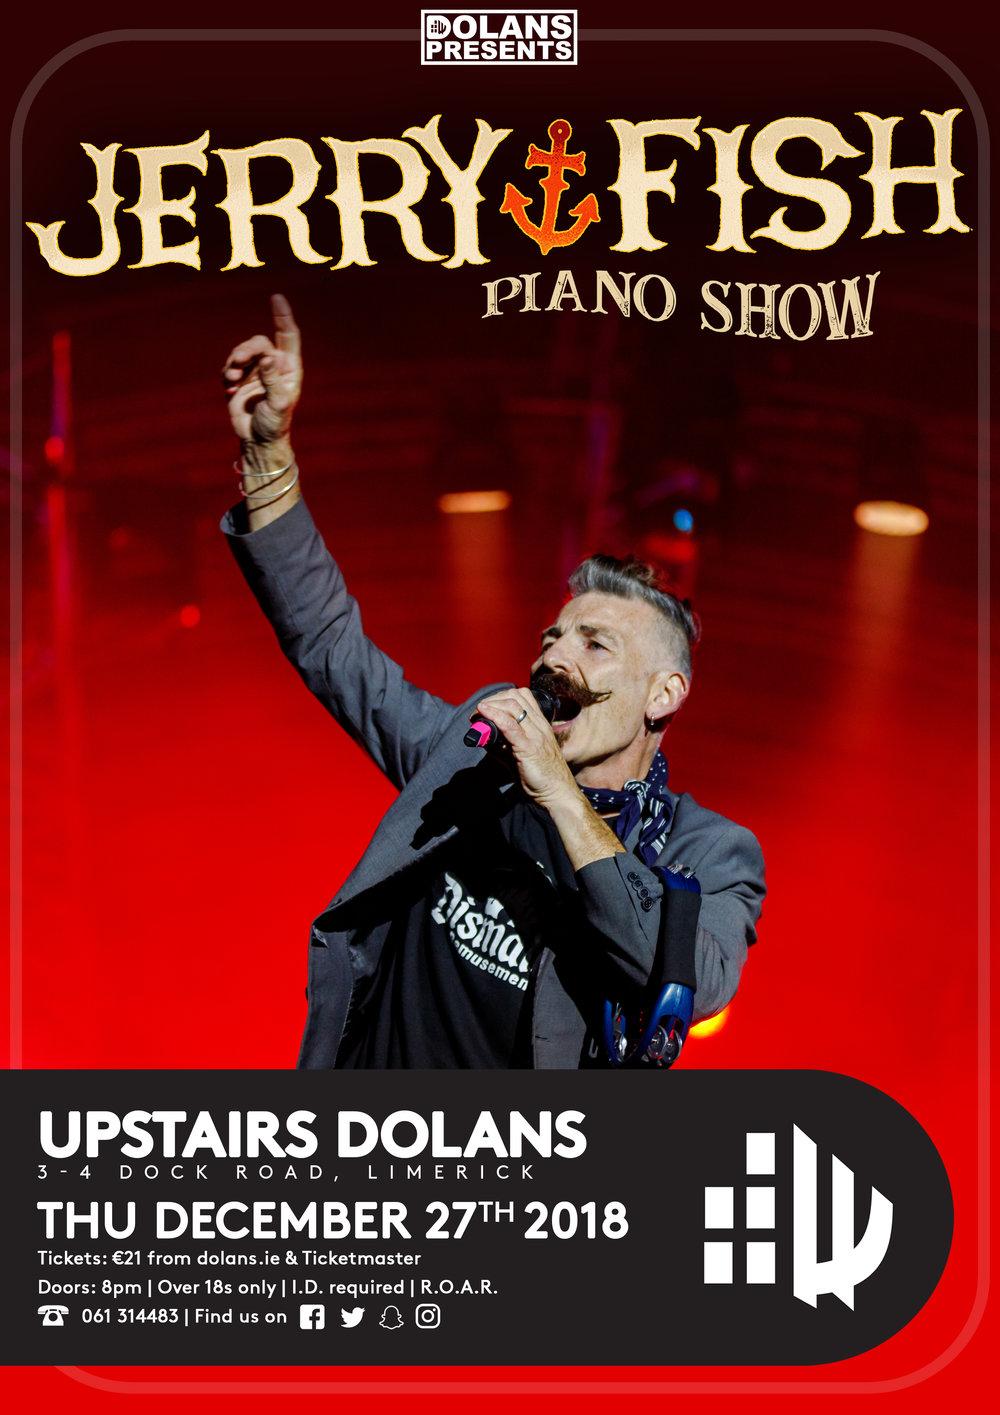 Tickets €21